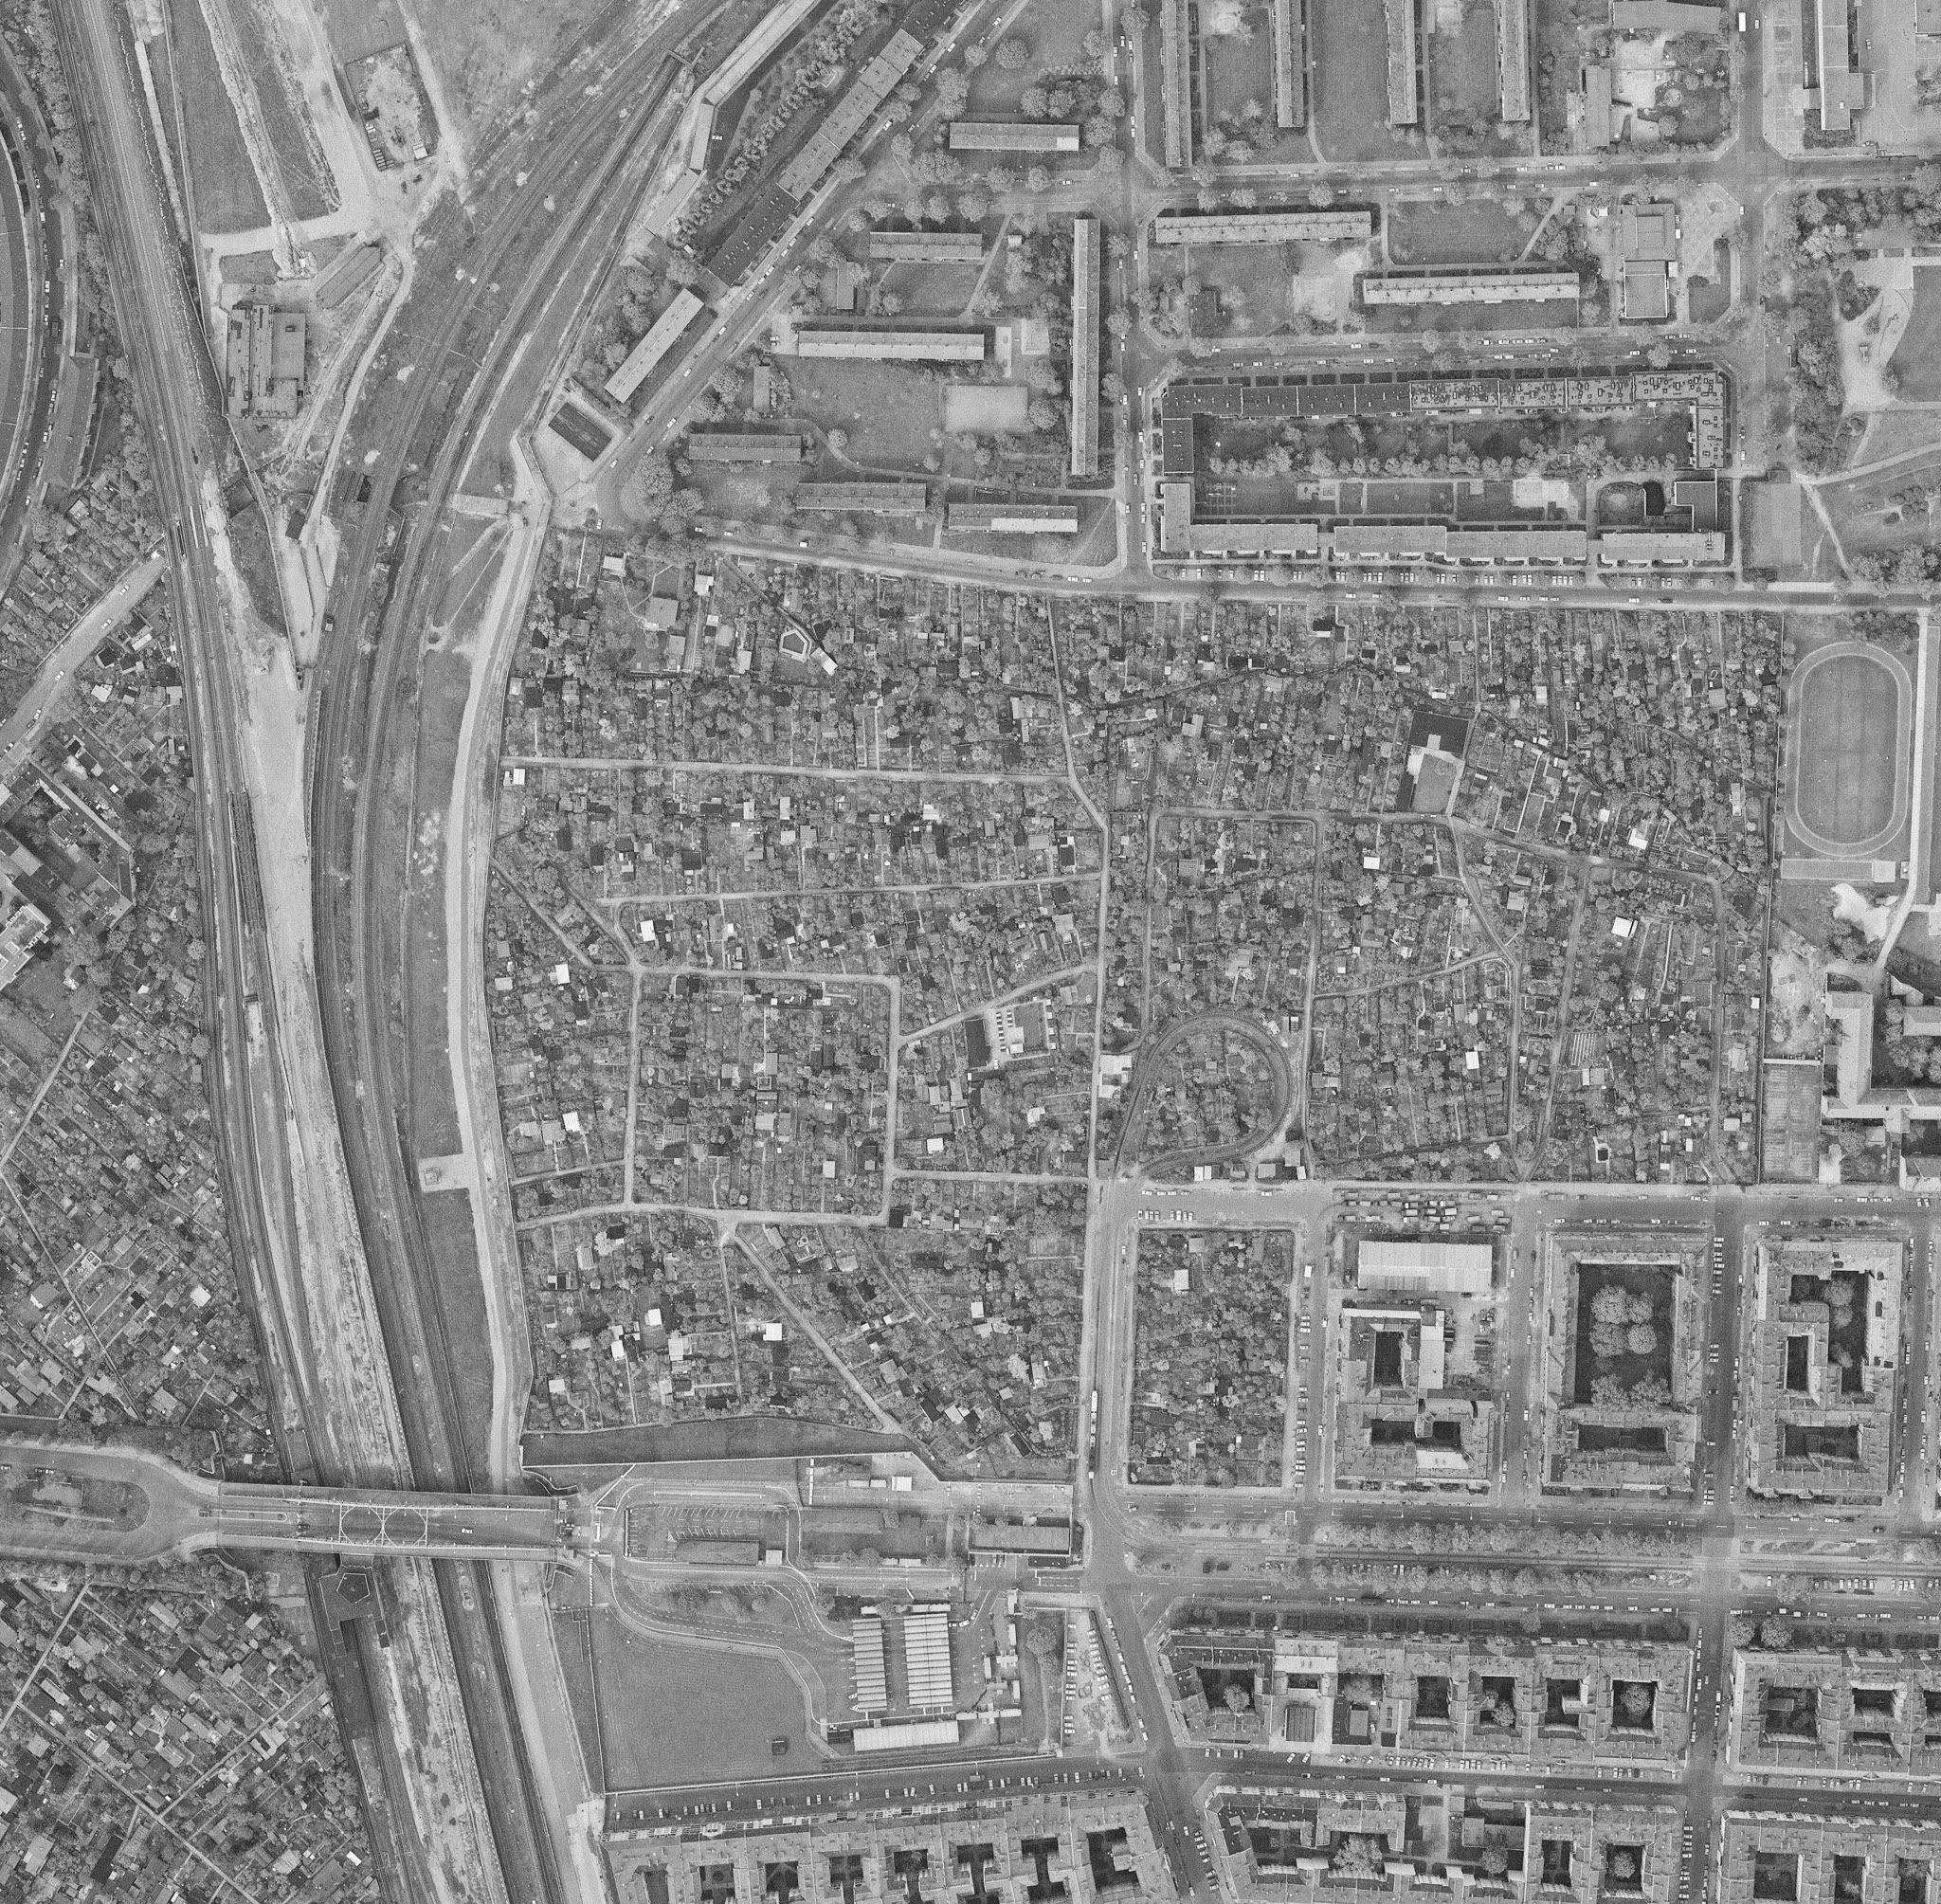 Photo: Luftbild der Kleingartenanlagen und Grenzanlagen an der Bornholmer Str im April 1989    Quelle: Senatsverwaltung für Stadtentwicklung